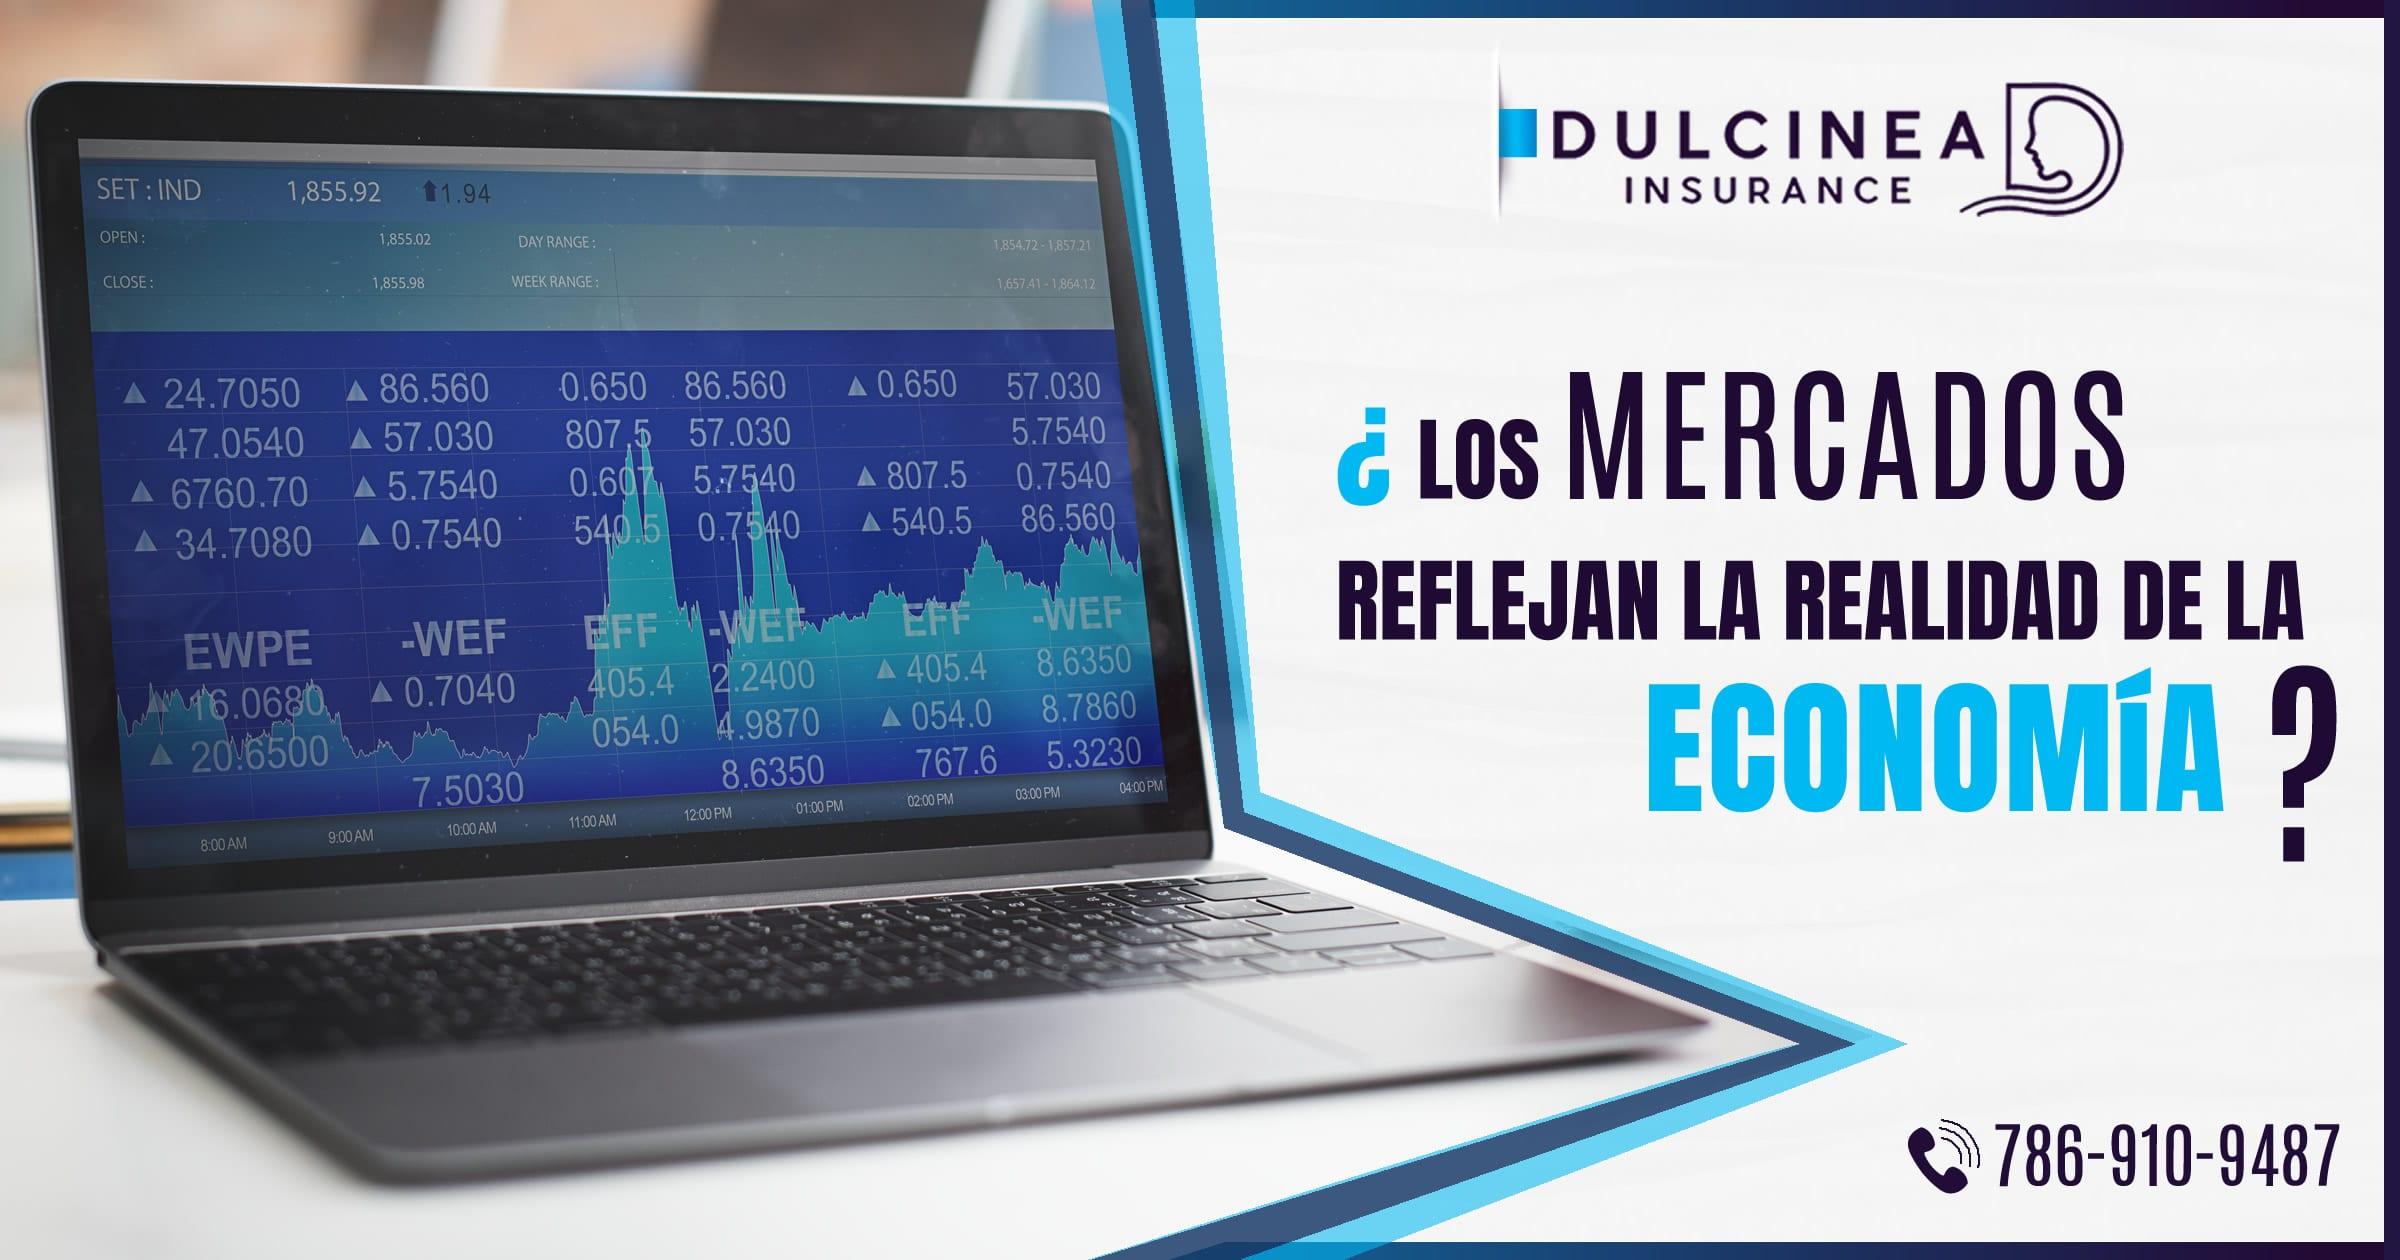 los mercados y su reflejo en la economia